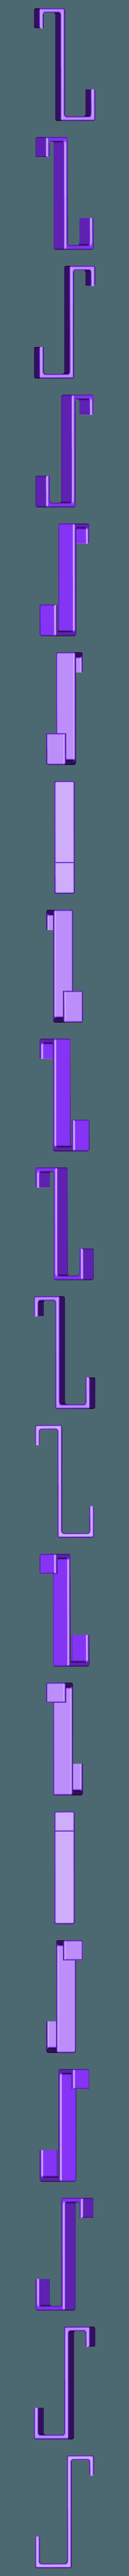 1Door_Hooks.STL Télécharger fichier STL gratuit Crochets de porte (10 tailles différentes) • Design pour impression 3D, Saeid